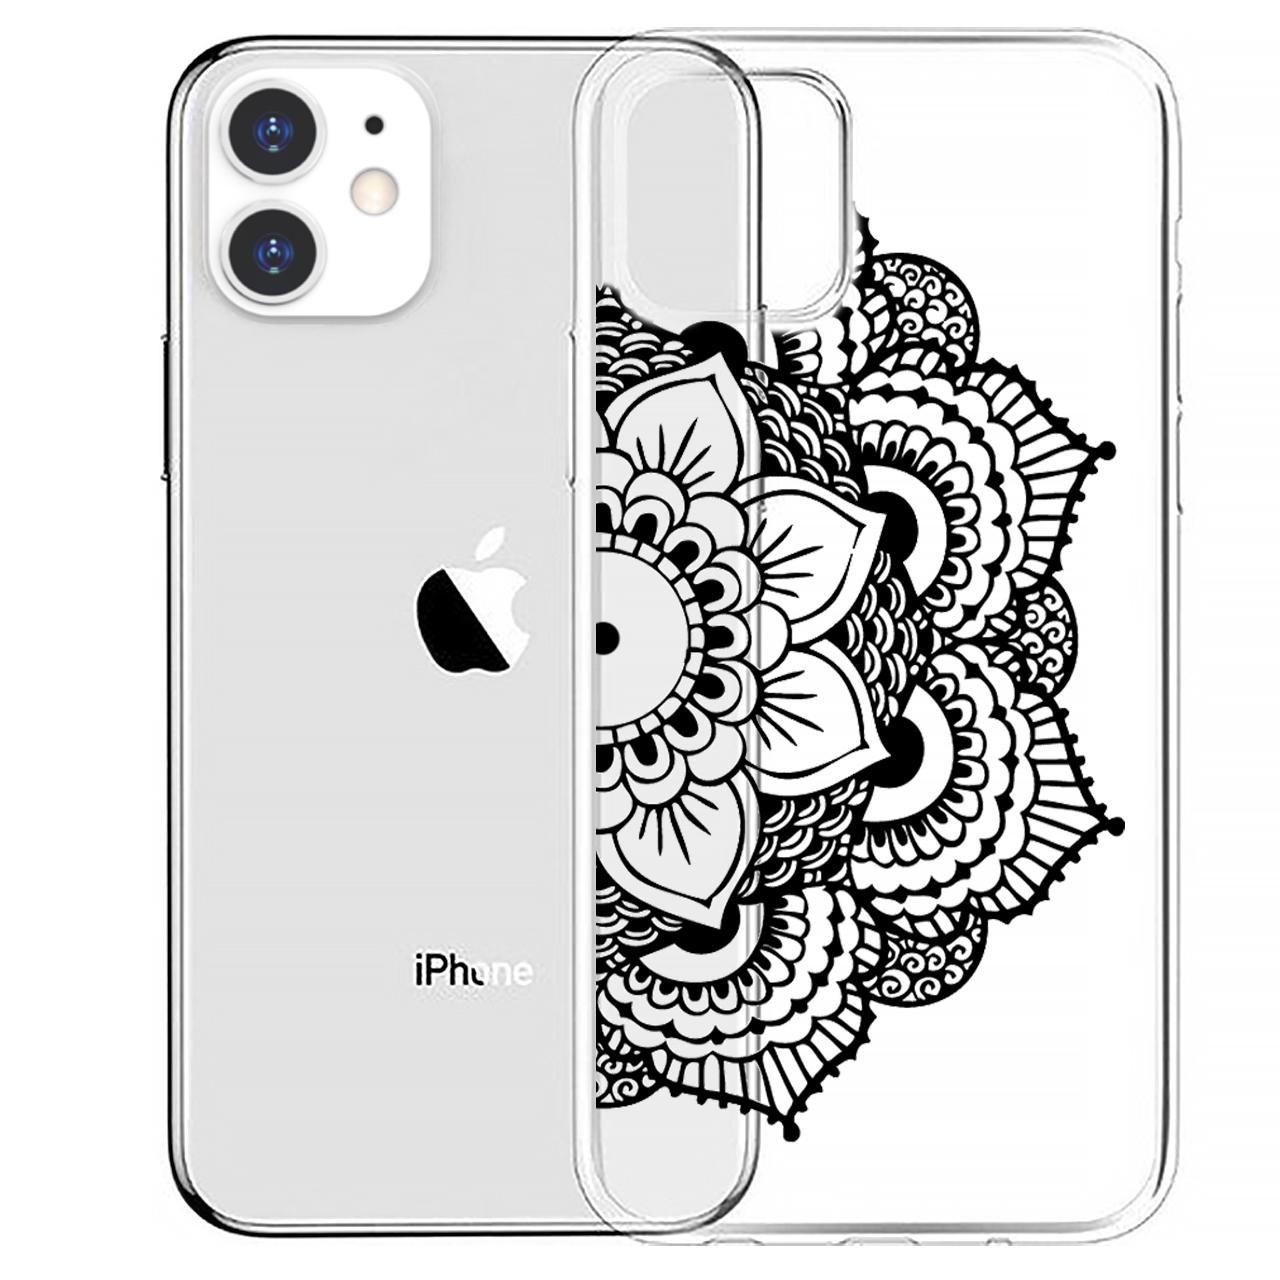 کاور کی اچ کد C14- B مناسب برای گوشی موبایل اپل  Iphone 11